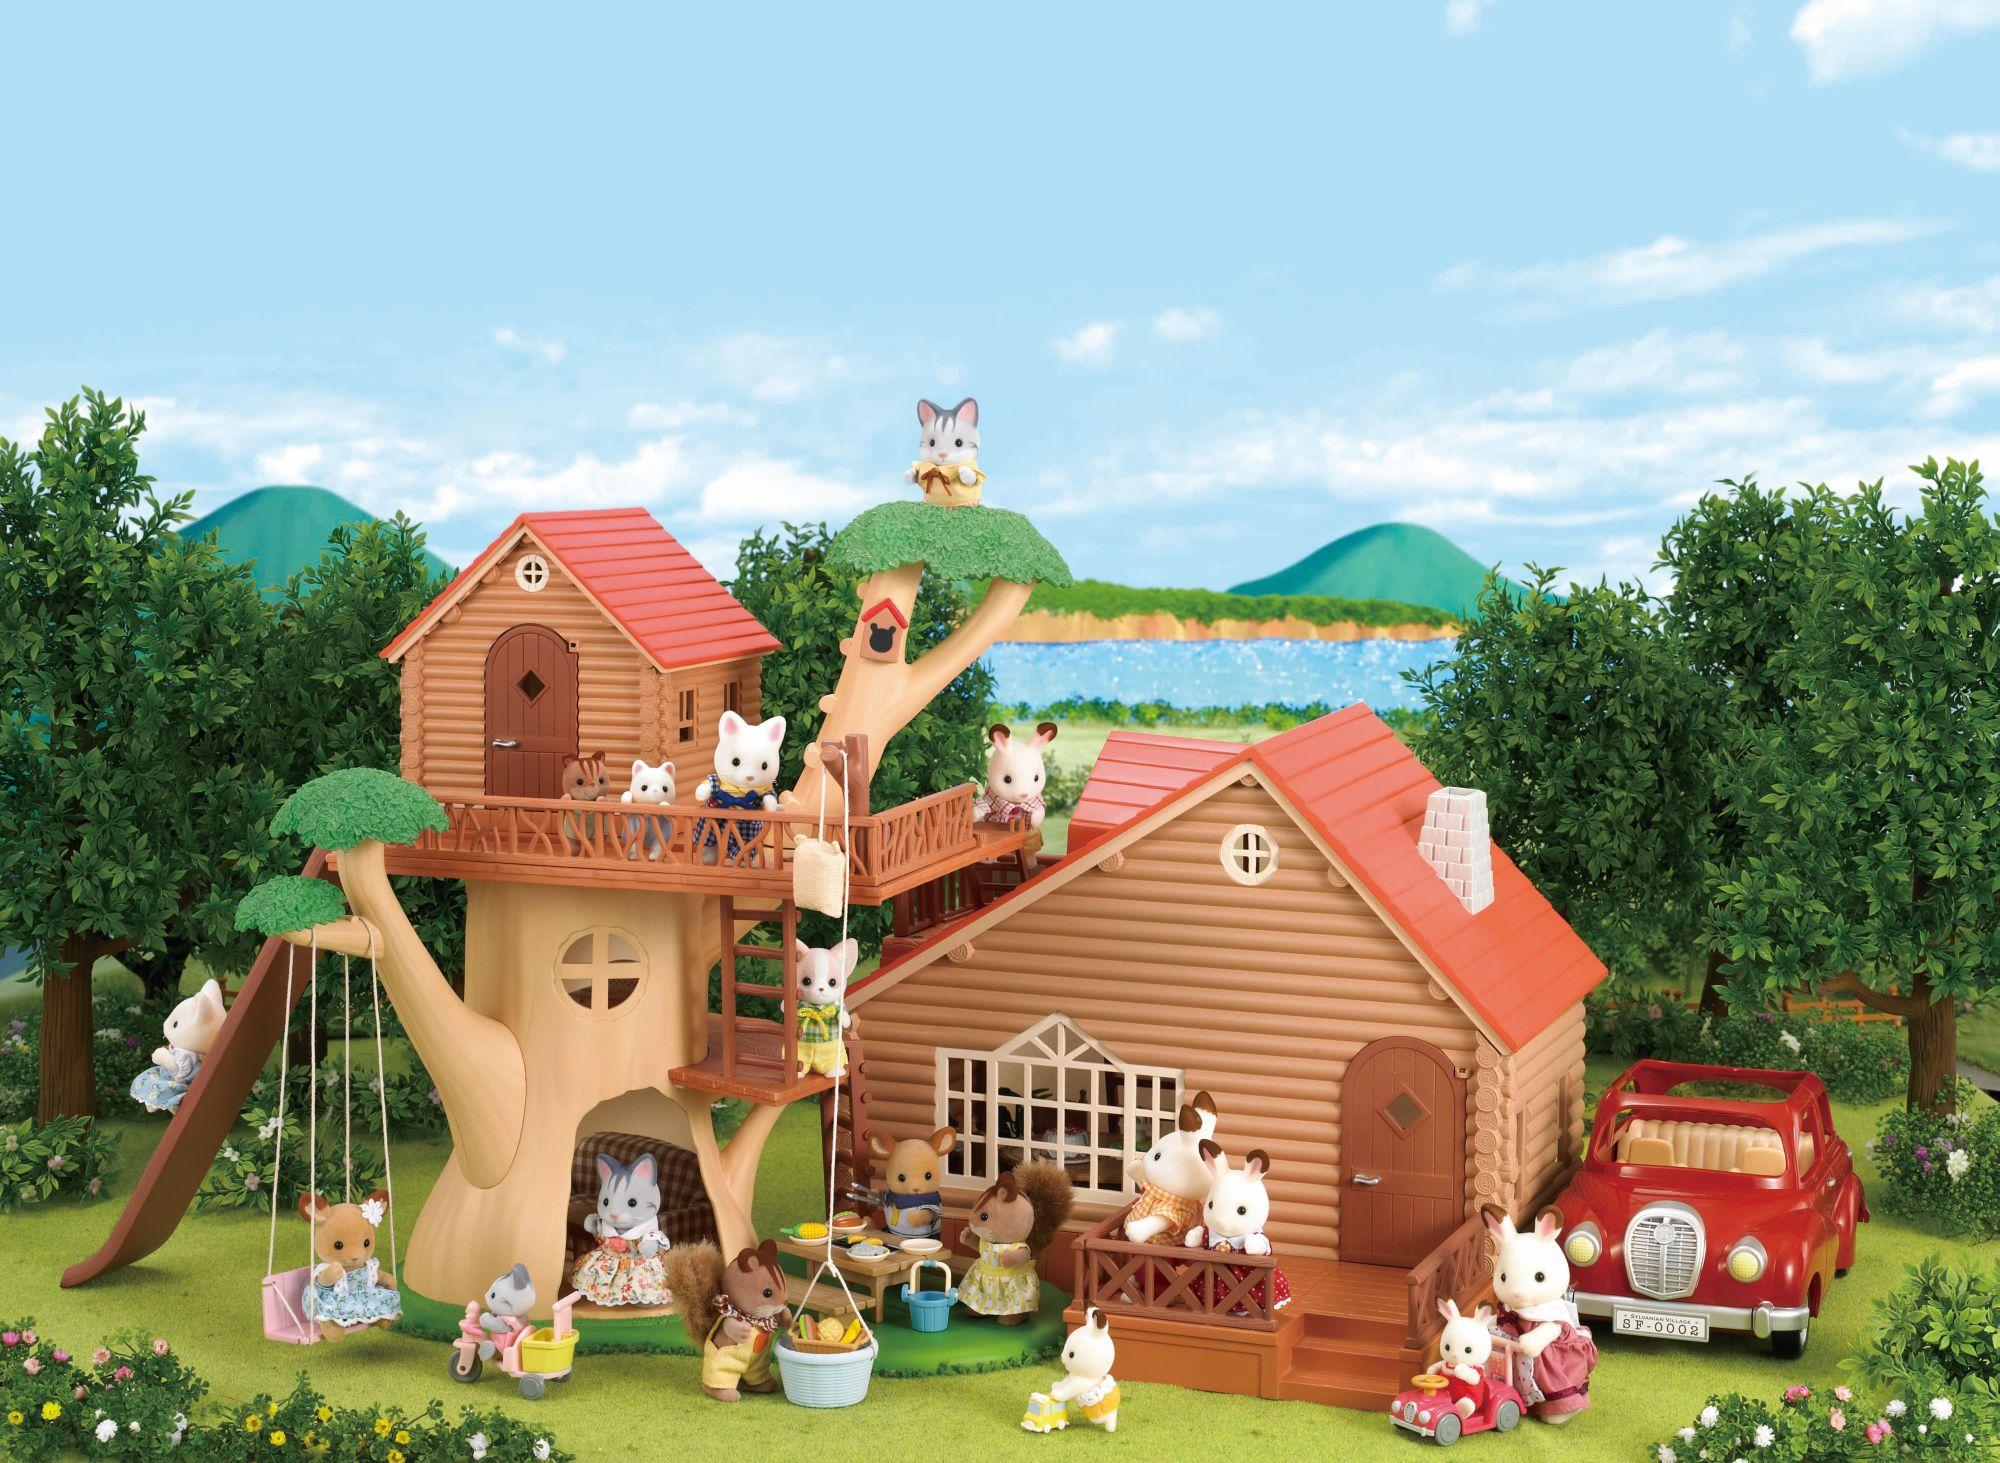 sylvanian families 2881 mini poup e chalet jeux et jouets. Black Bedroom Furniture Sets. Home Design Ideas